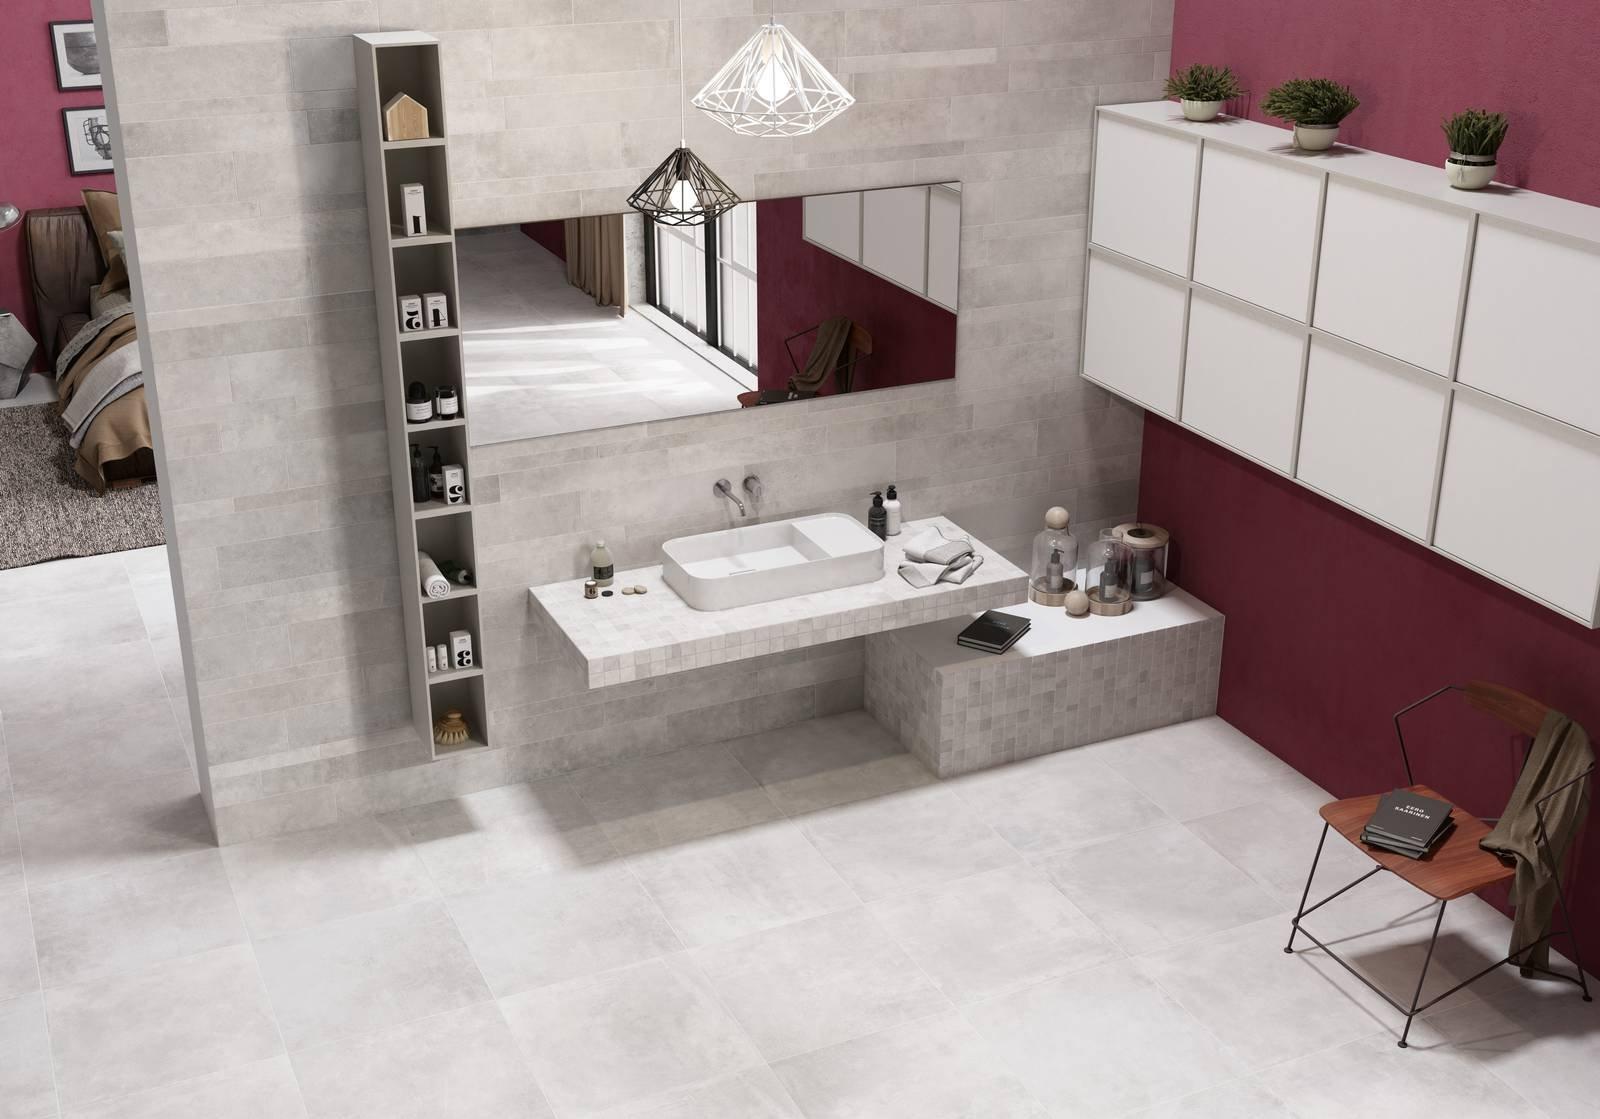 Piastrelle un bagno di stile con le collezioni - Piastrelle rettificate ...